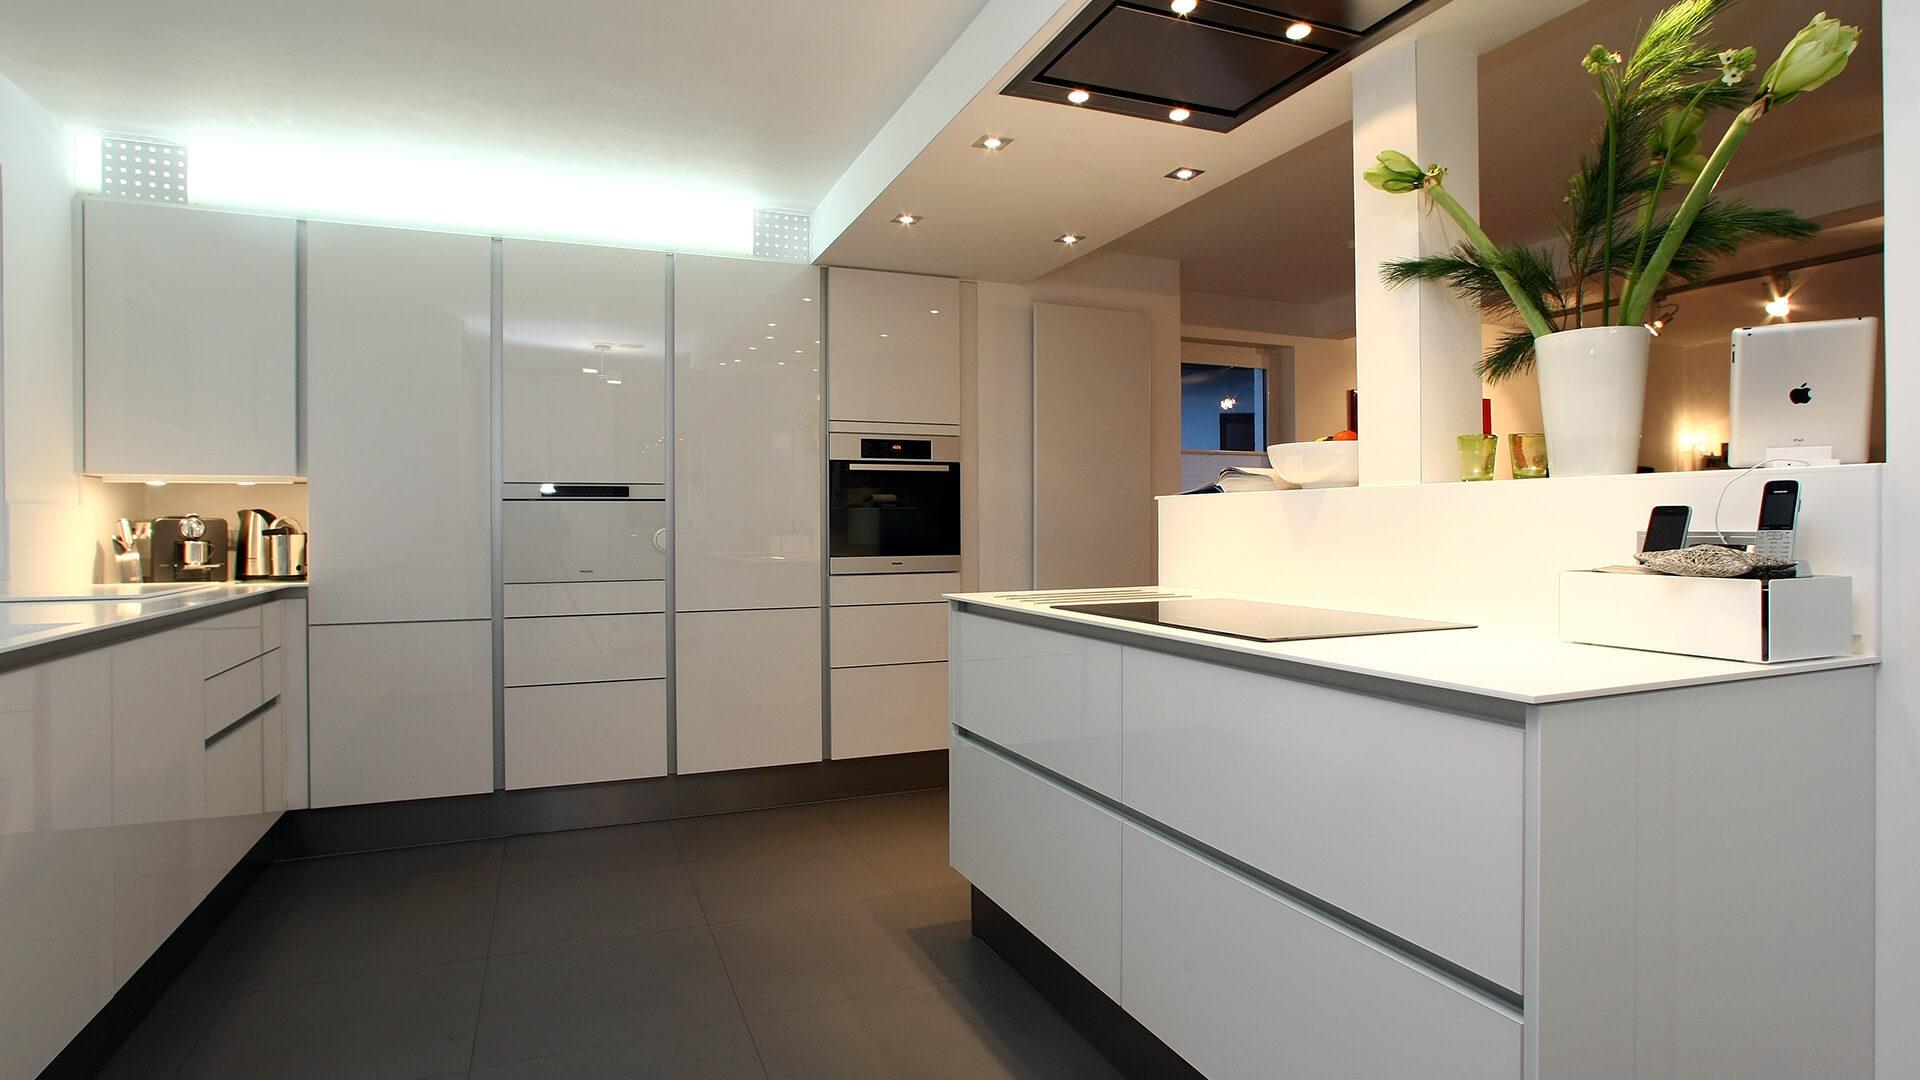 der k chenchef ihr k chenkompetenzentrum aus n rnberg. Black Bedroom Furniture Sets. Home Design Ideas